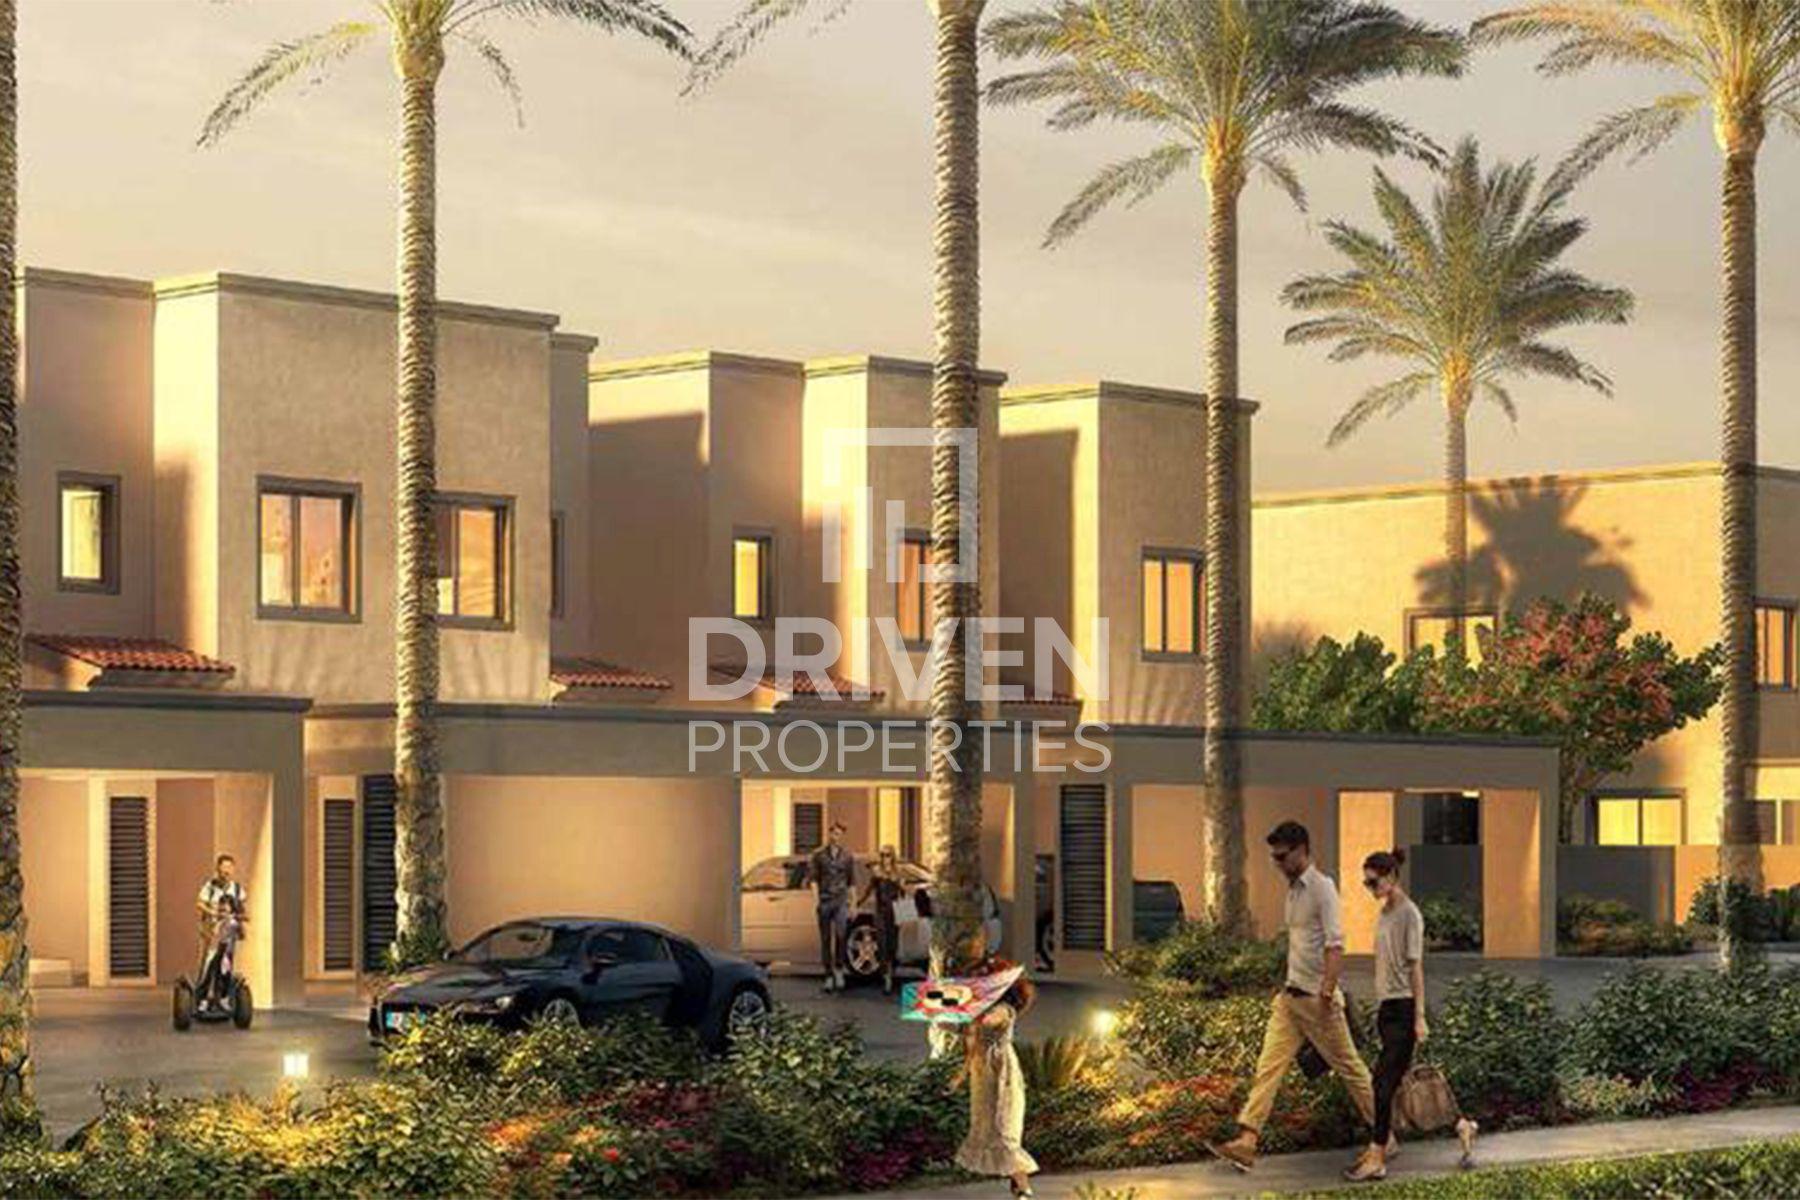 2,232 قدم مربع  تاون هاوس - للبيع - دبي لاند